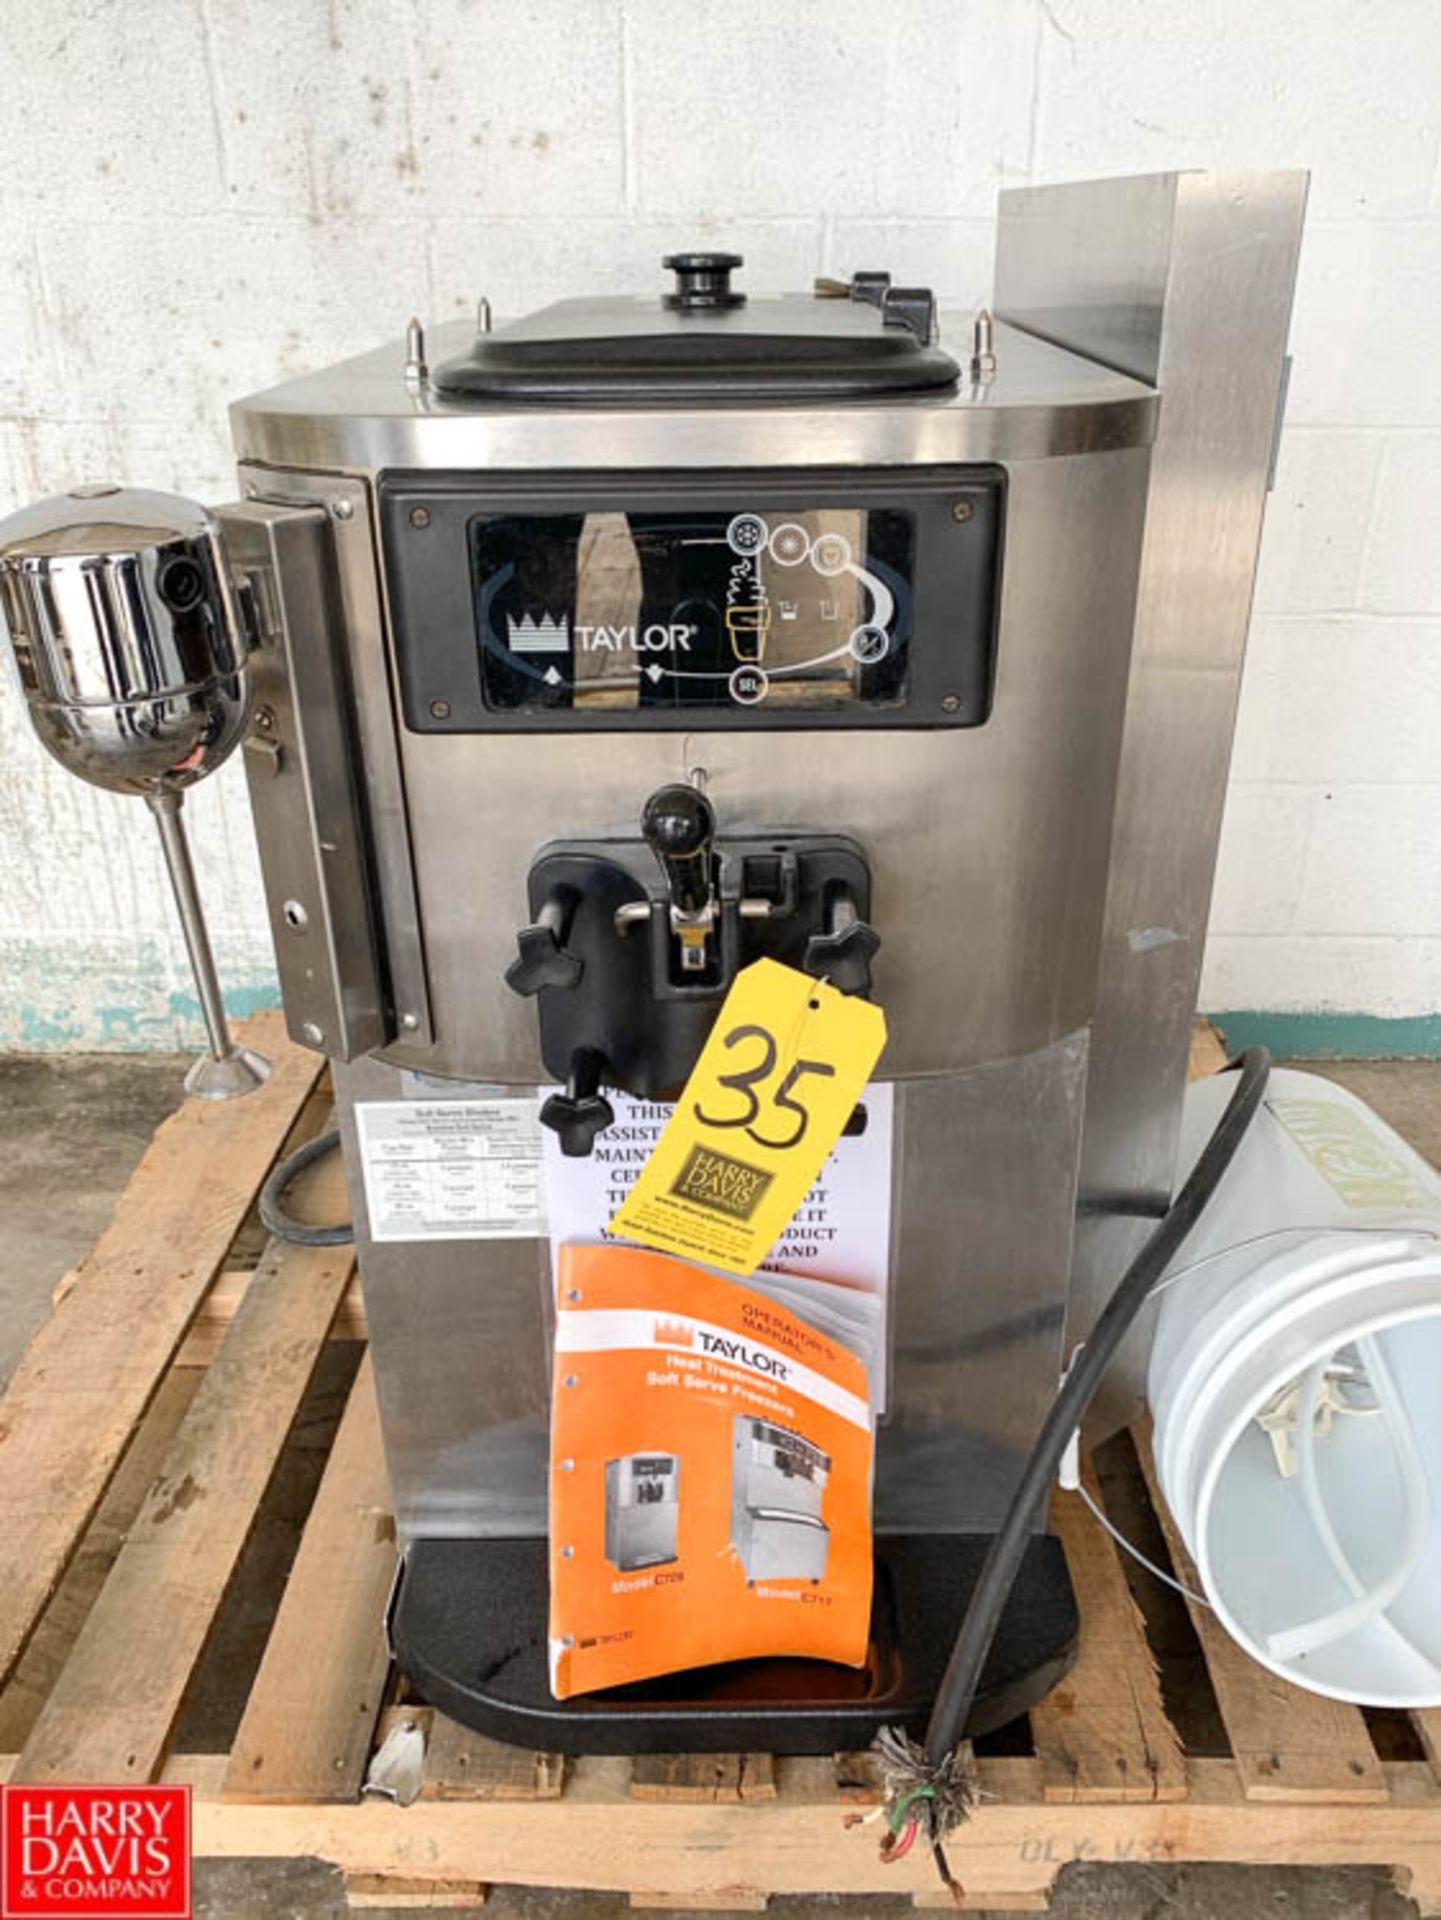 Lot 35 - Taylor Soft Serve Freezer, Model C709-33, S/N M1073412, 208-230 Volt, 3-Phase - Rigging Fee: $25